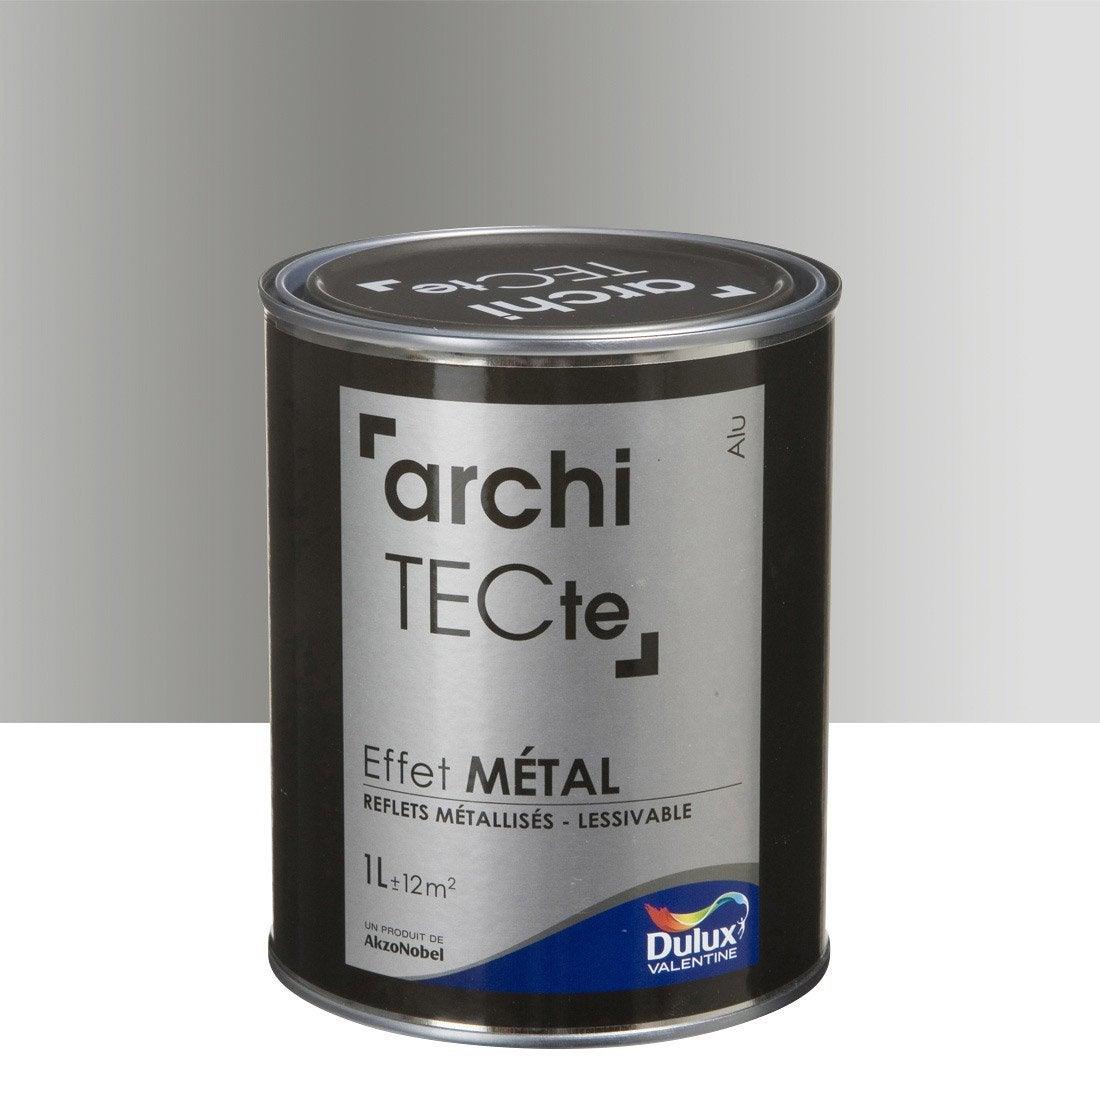 Peinture d corative architecte effet m tal dulux valentine gris aluminium 1 l leroy merlin for Peintures interieures leroy merlin